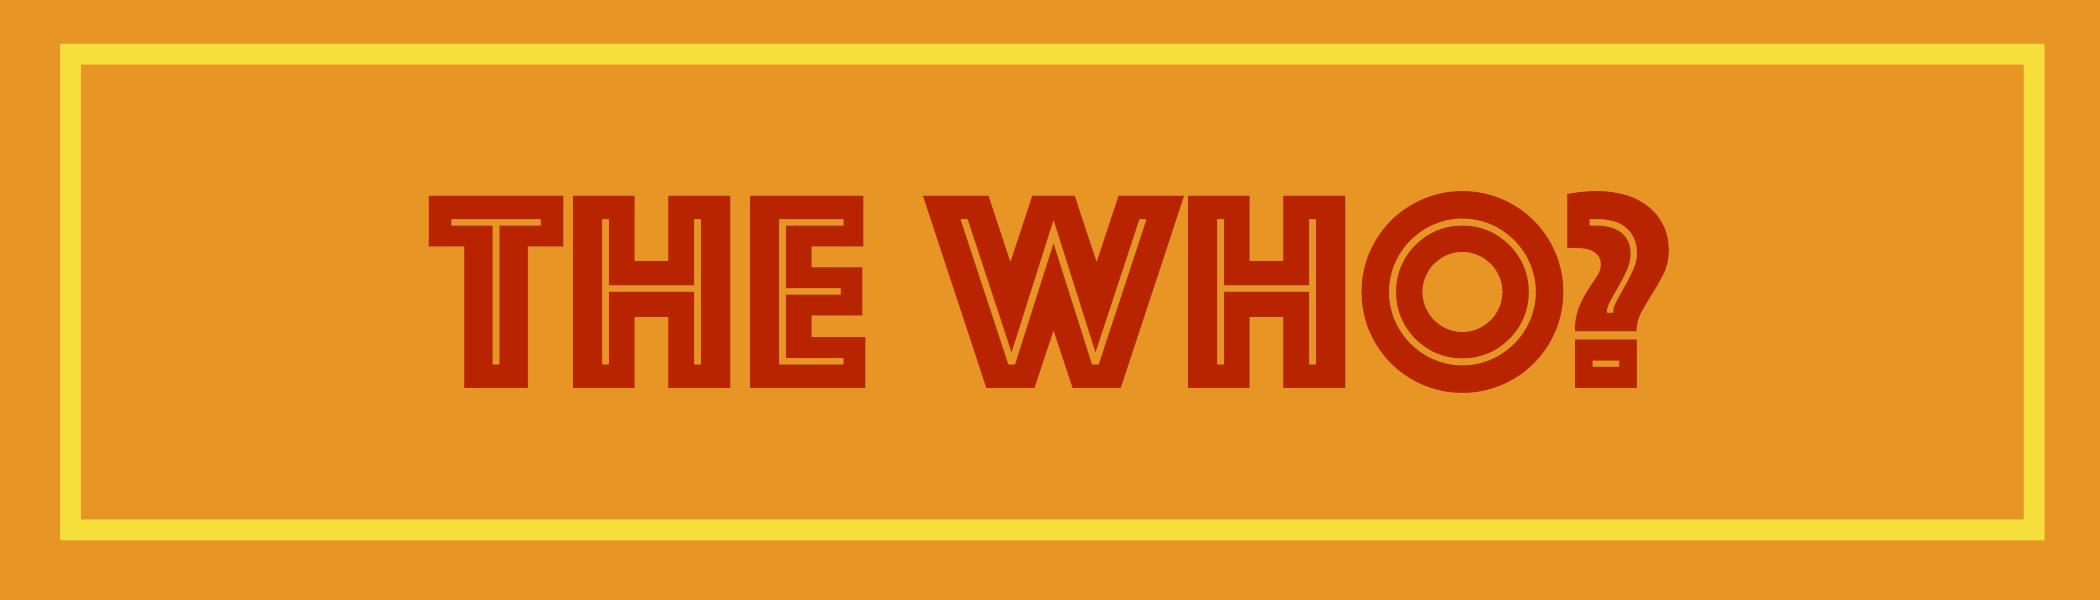 The Who copy.jpg